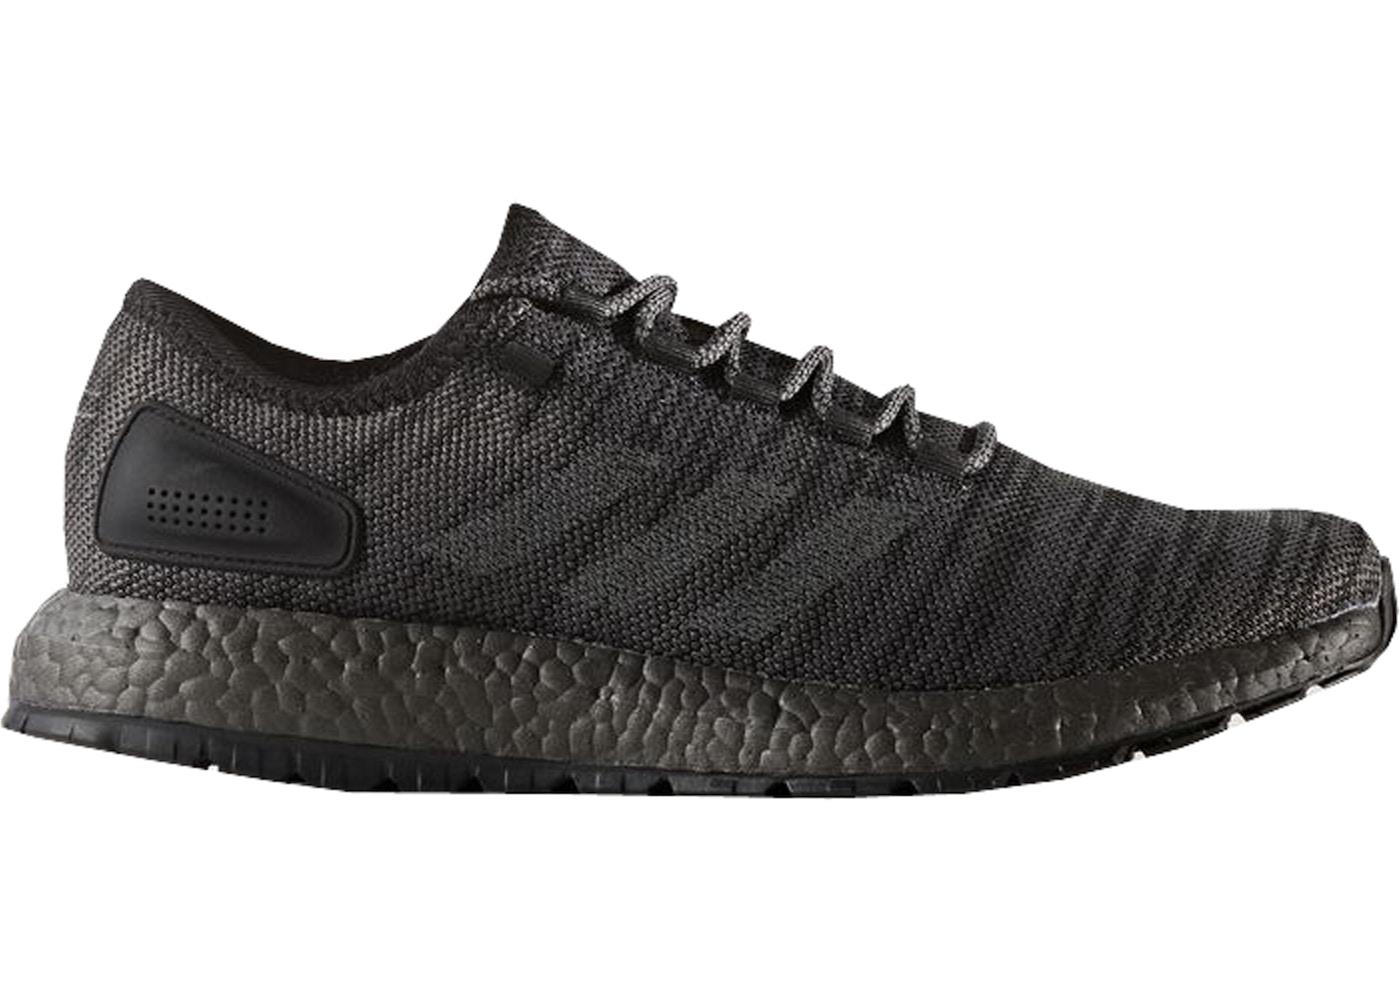 adidas Pureboost ATR Grey